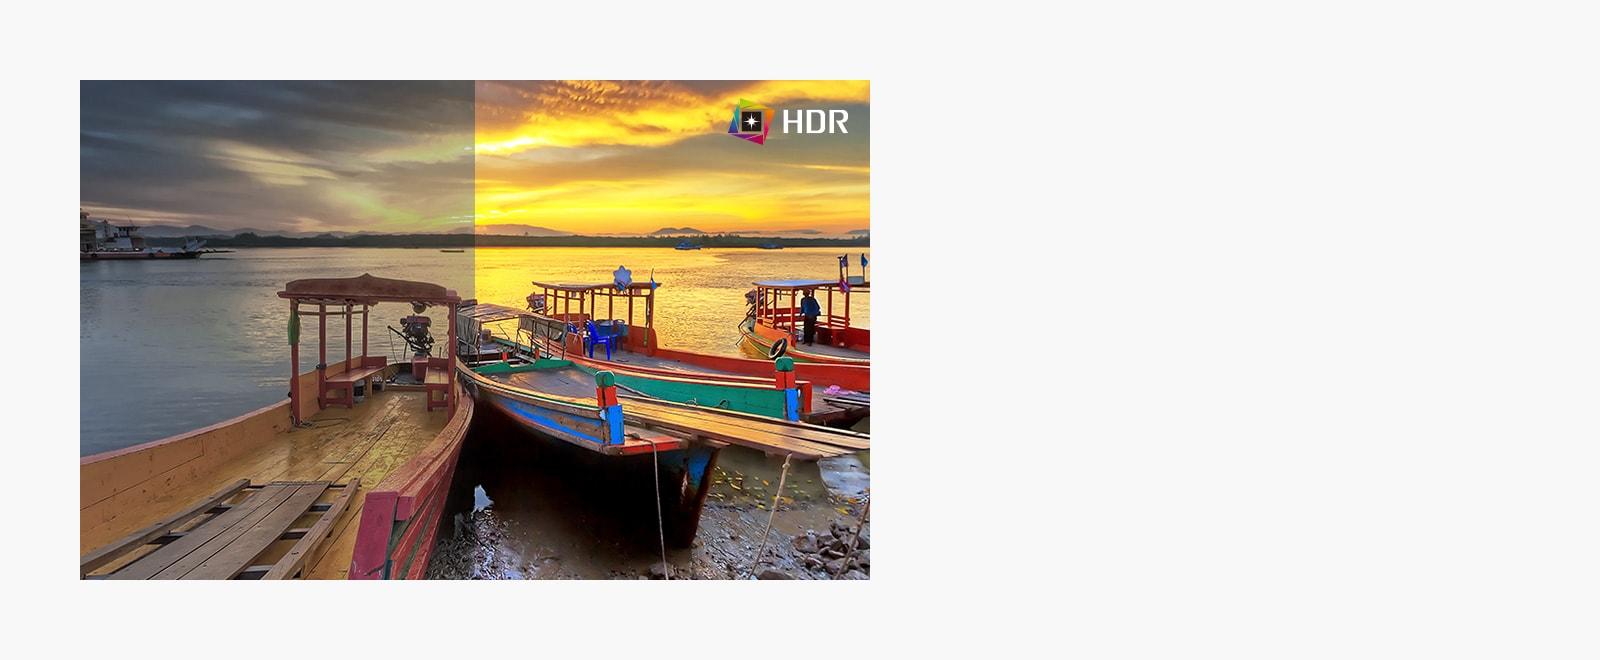 HDR, que admite niveles específicos de color y brillo, en comparación con SDR con colores dramáticos del contenido